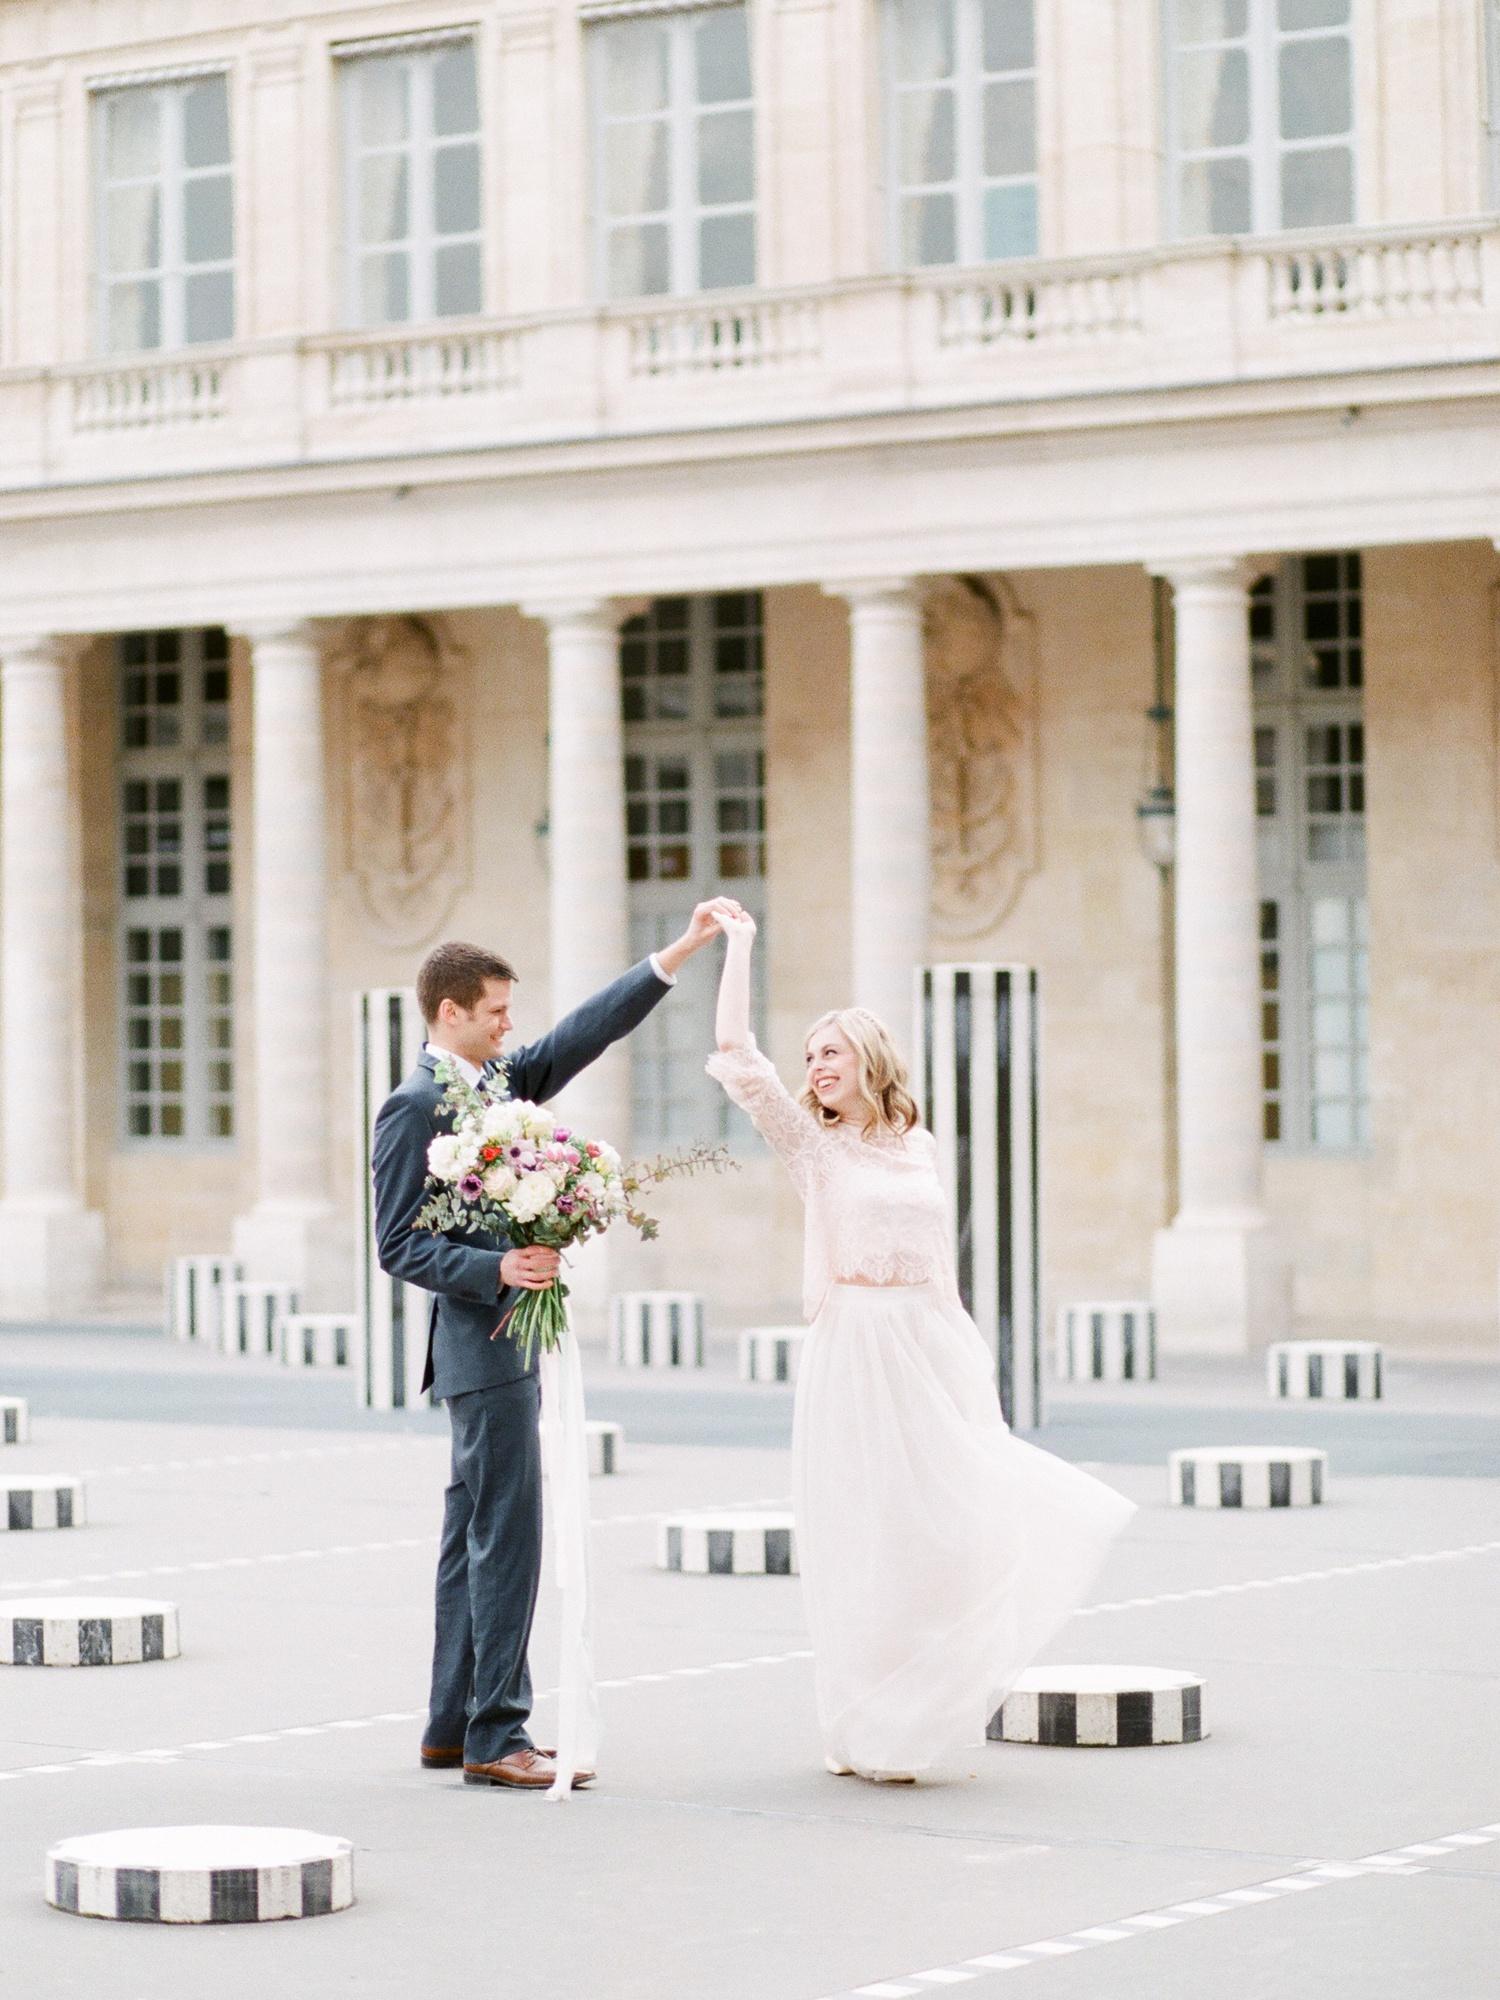 Paris-France-Destination-Wedding-Photographer-Cassi-Claire-Palais-Royal-Eiffel-Tower_01.jpg